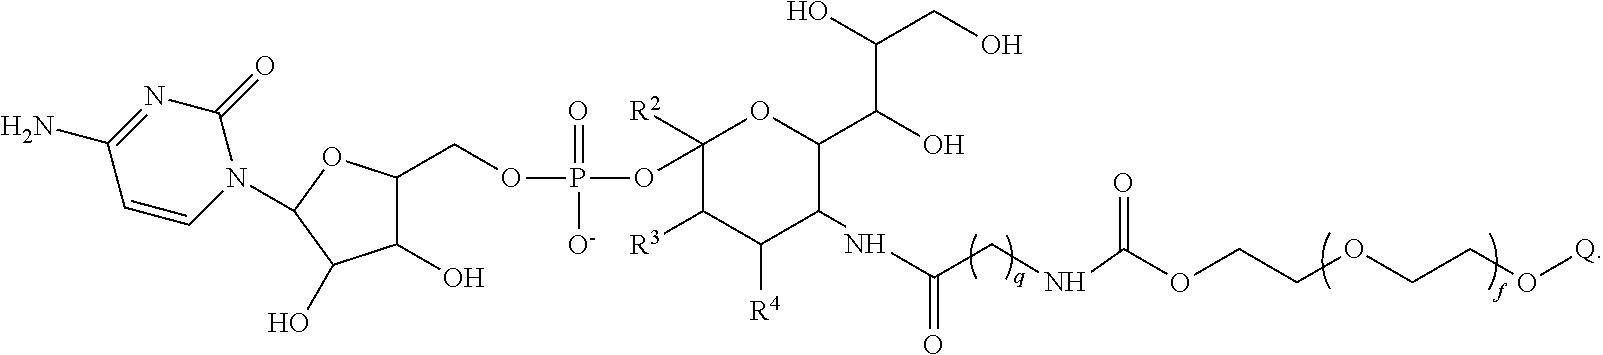 Figure US07956032-20110607-C00062